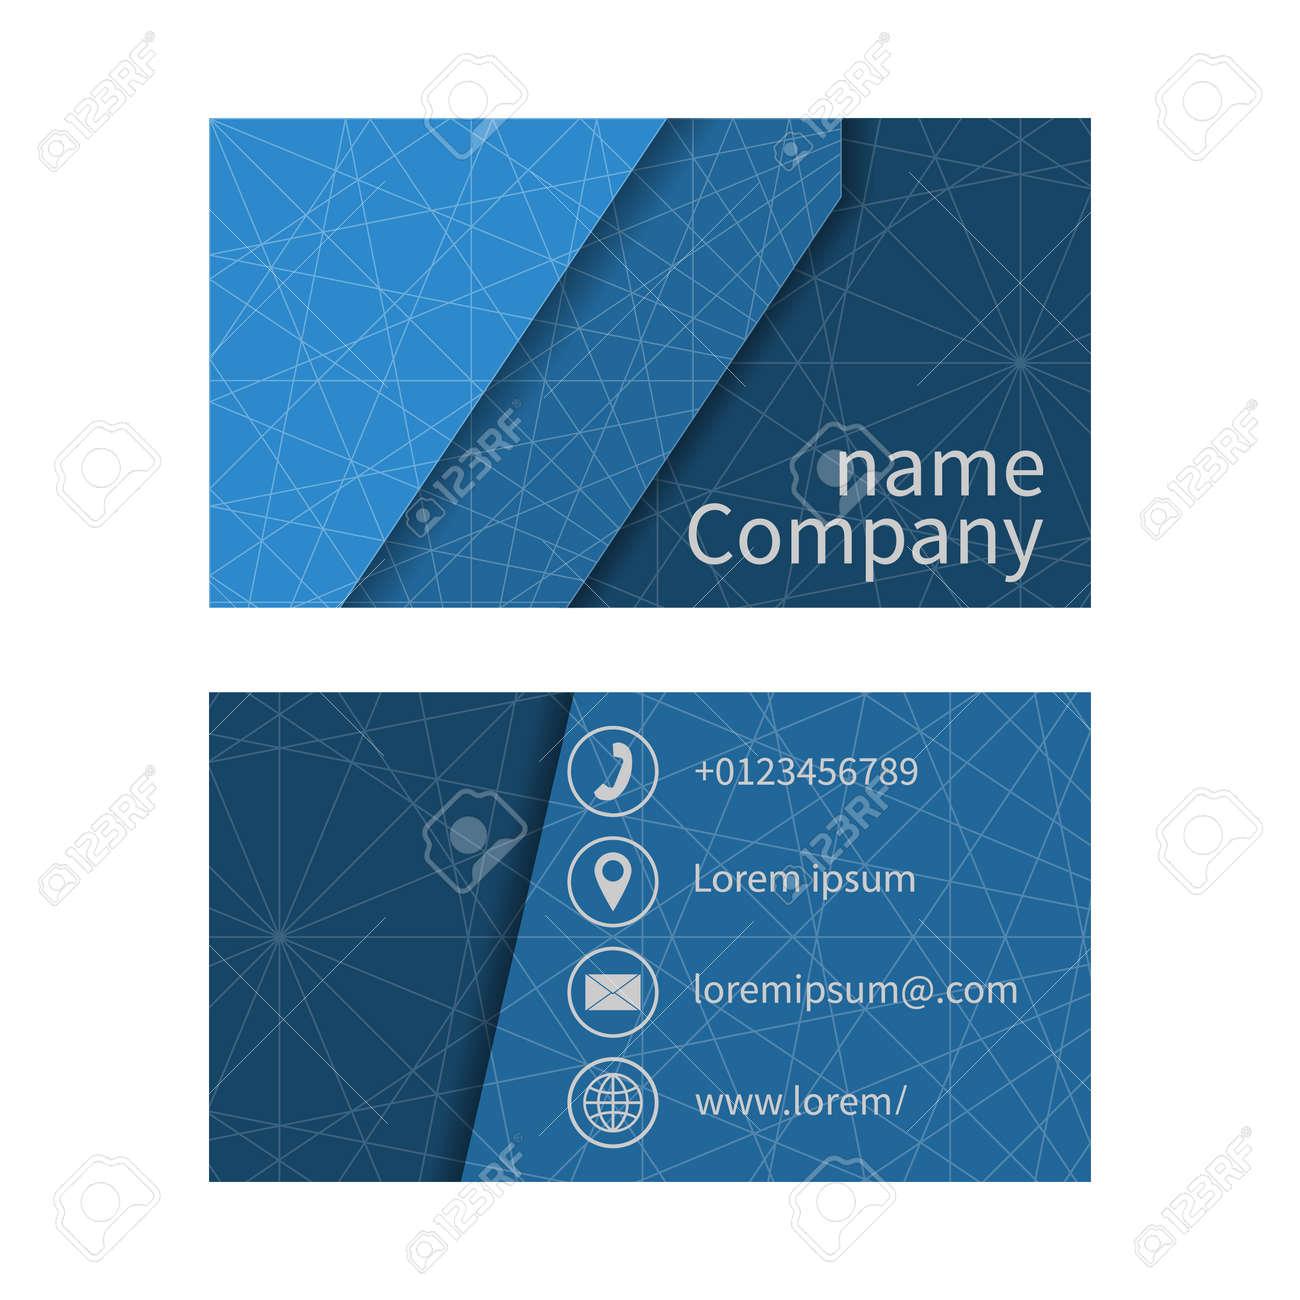 Les Cartes Daffaires Rgles Espace Pour Nom De La Socit Adresse Tlphone E Mail Carte Visite Vierge Modle Conception D Affaires